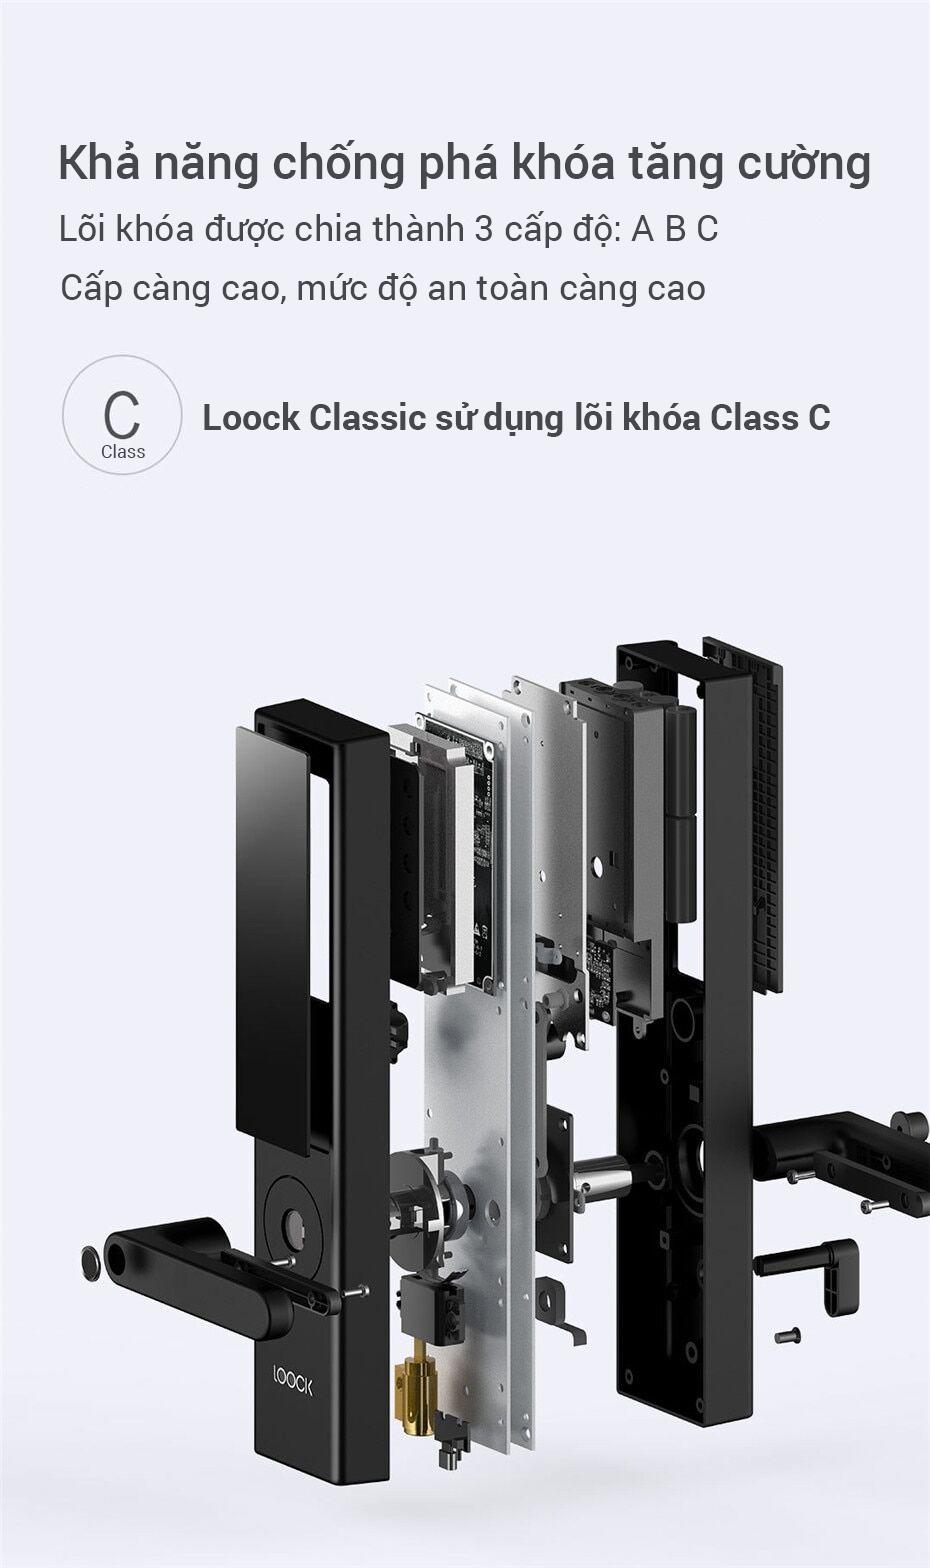 Cửa hàng cung cấp Khóa Cửa Thông Minh Xiaomi LOOCK Classic